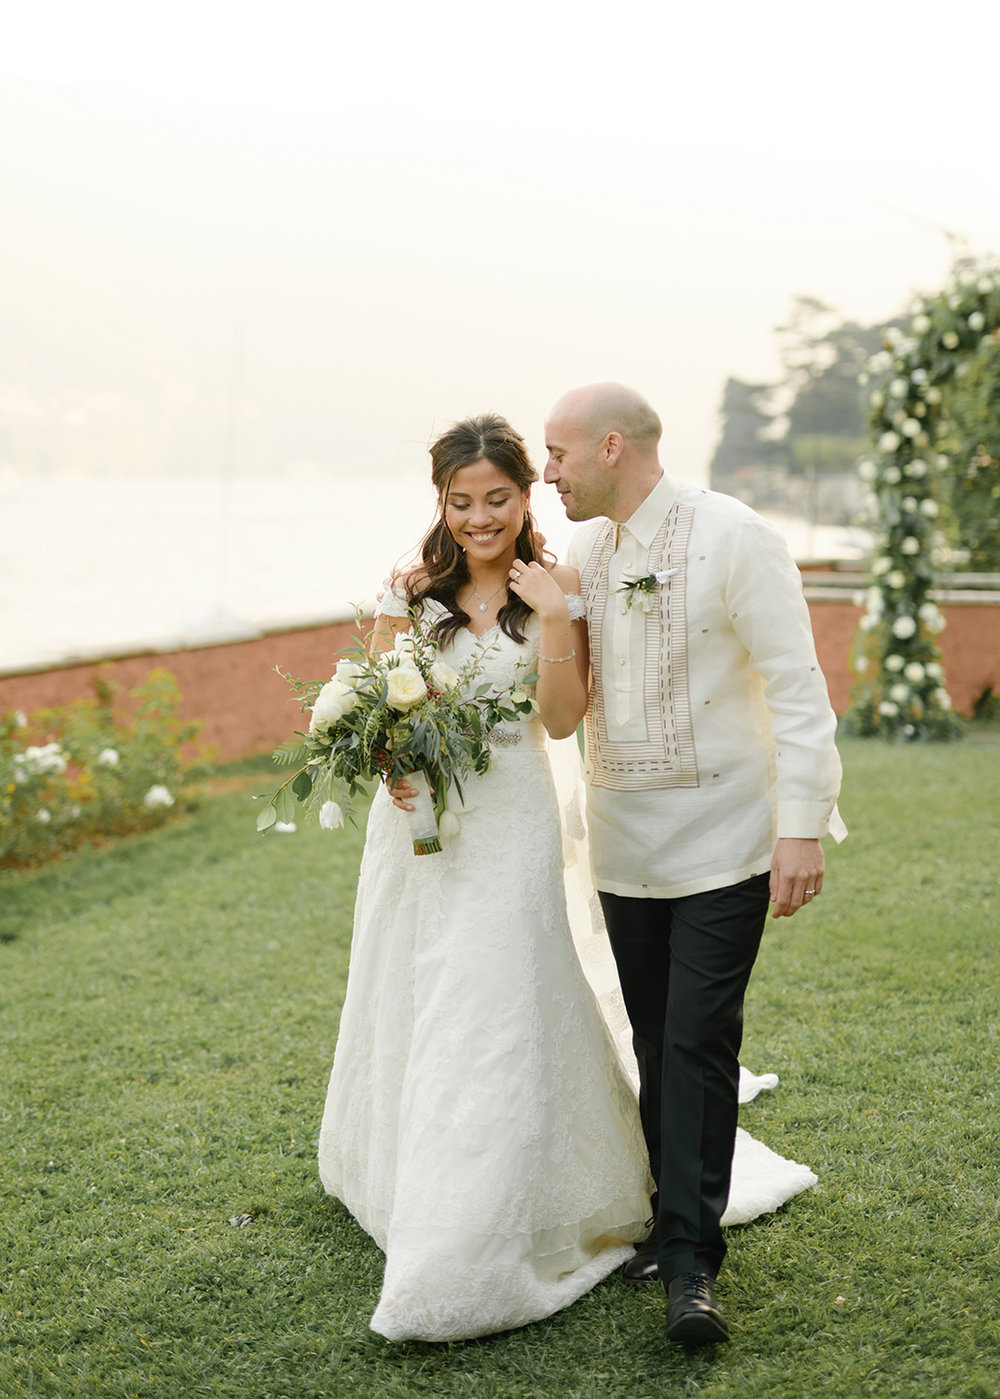 villa-regina-teodolinda-wedding-photographer-C&B-©bottega53-80.JPG